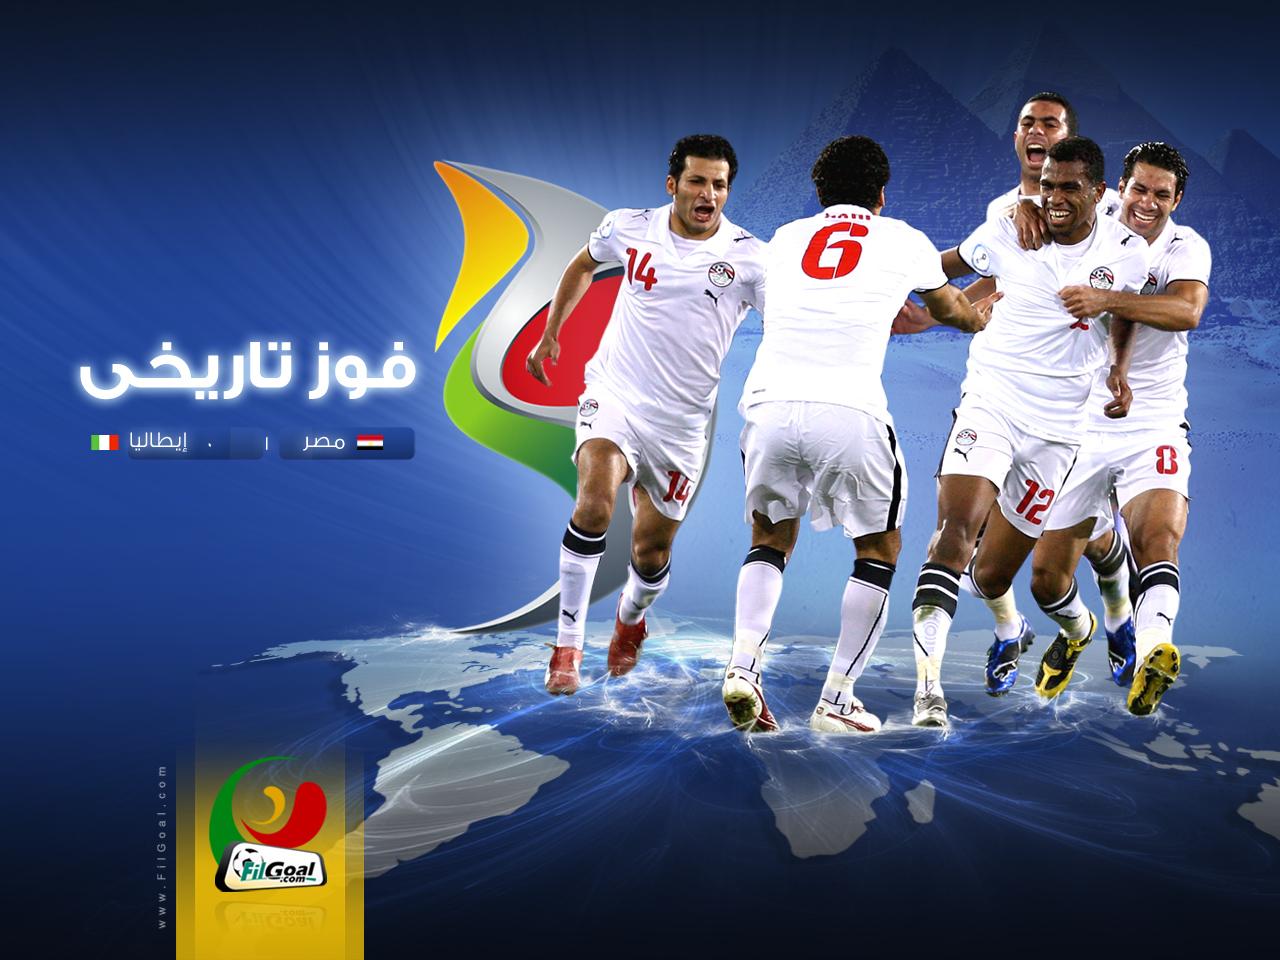 Egypt vs Italy